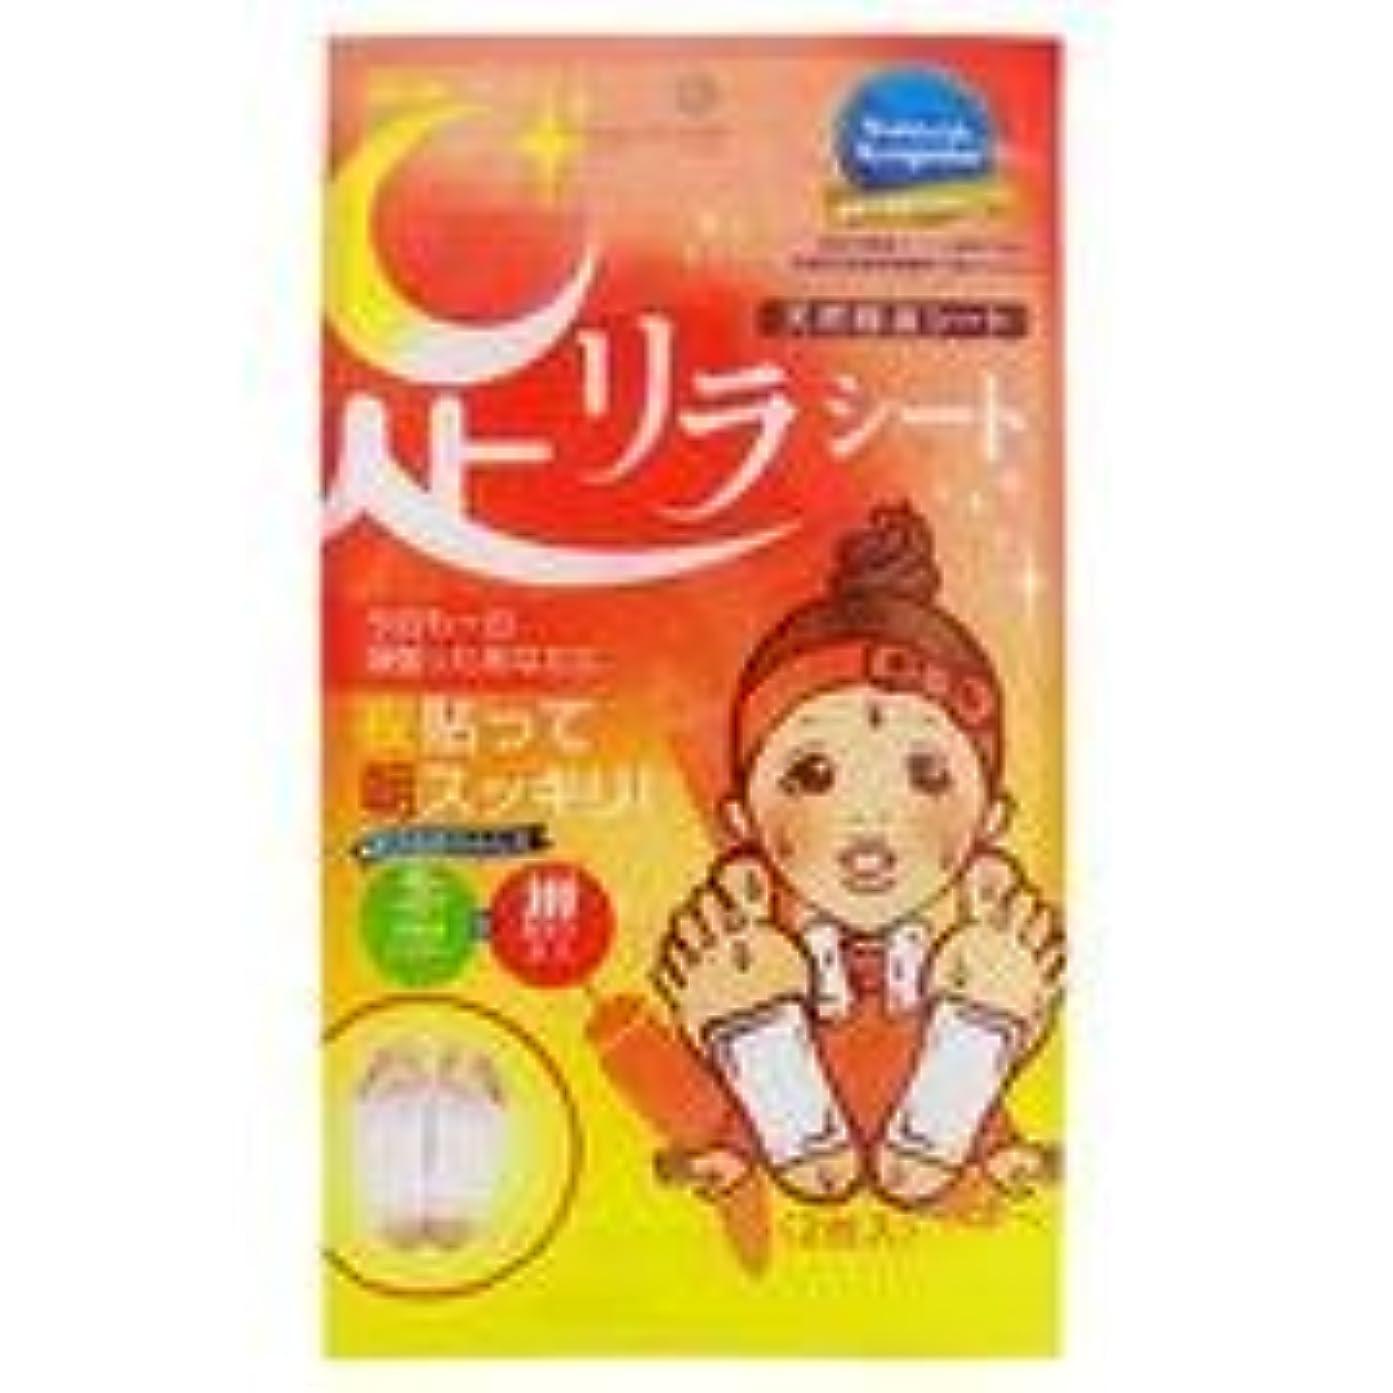 多年生キルトビート足リラシート 唐辛子 30枚入×3箱セット